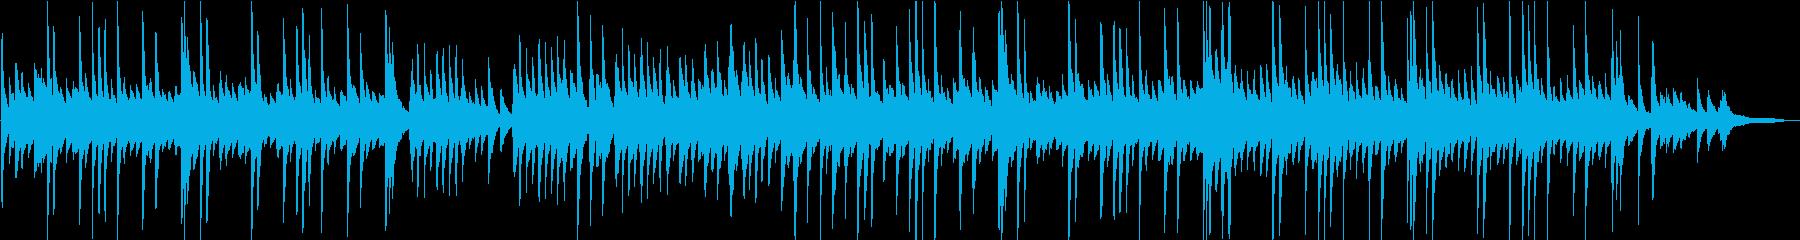 教会の少し切ない雰囲気のピアノBGMの再生済みの波形